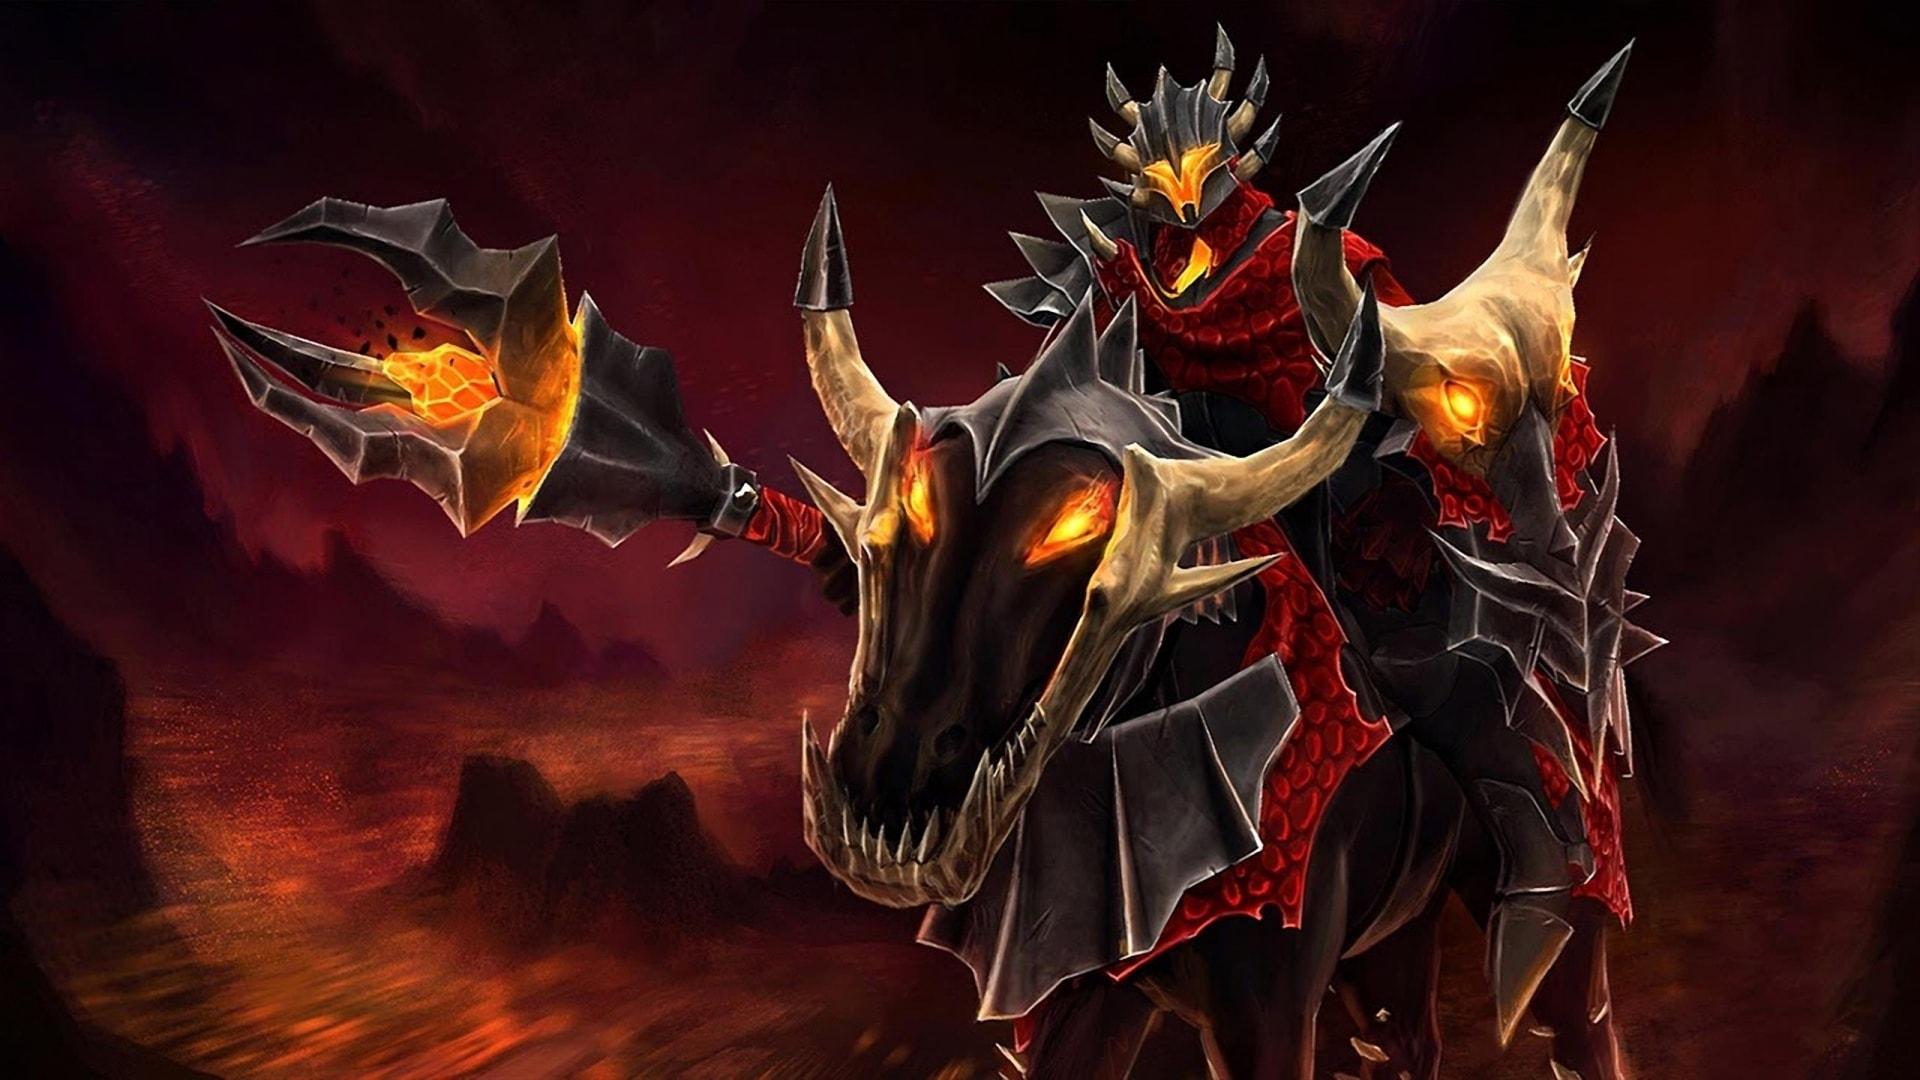 Dota2 : Chaos Knight High